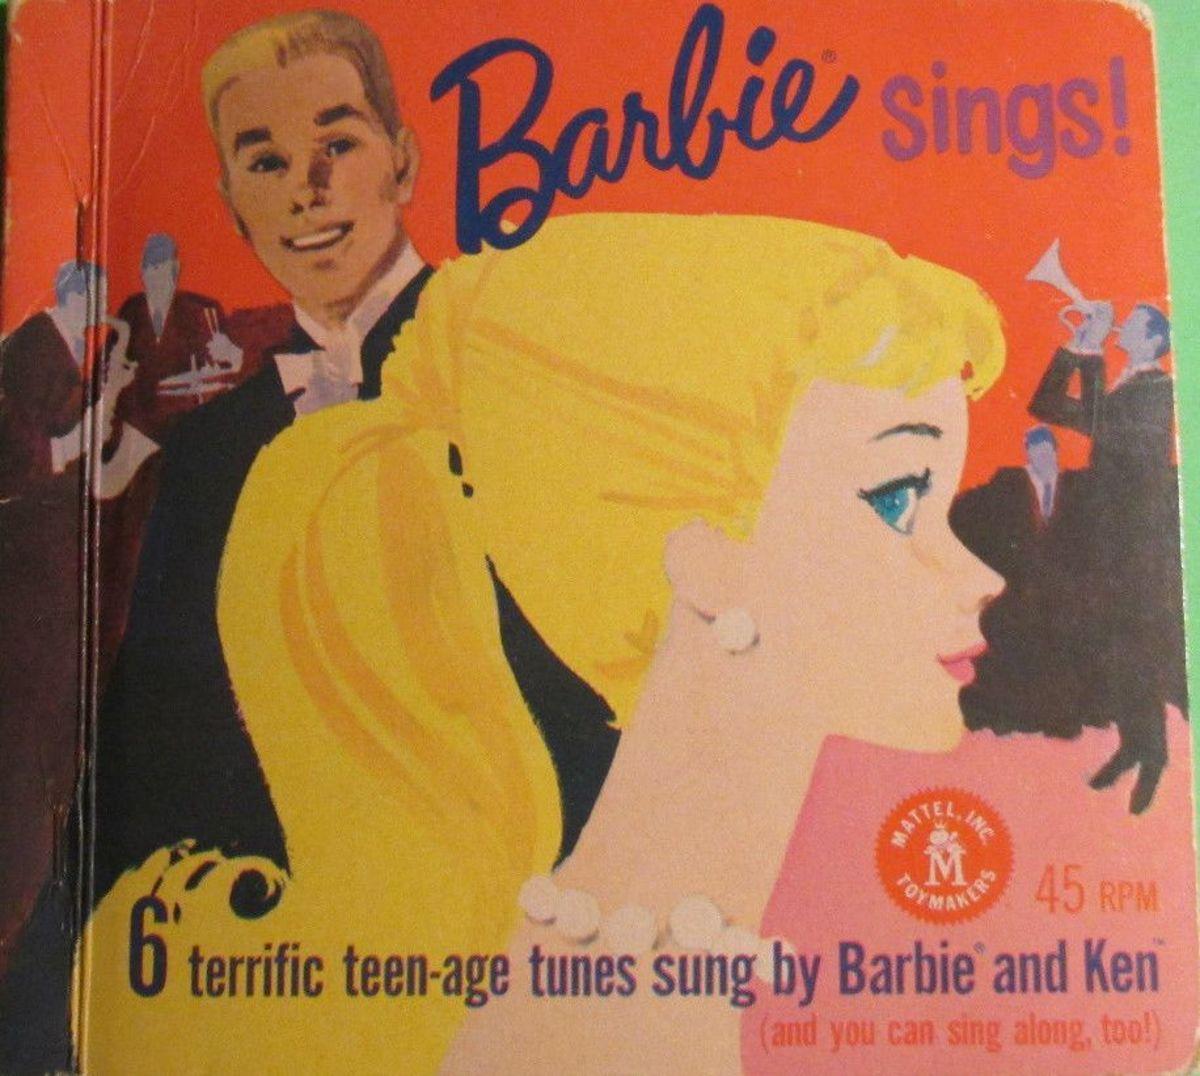 Barbie Sings!